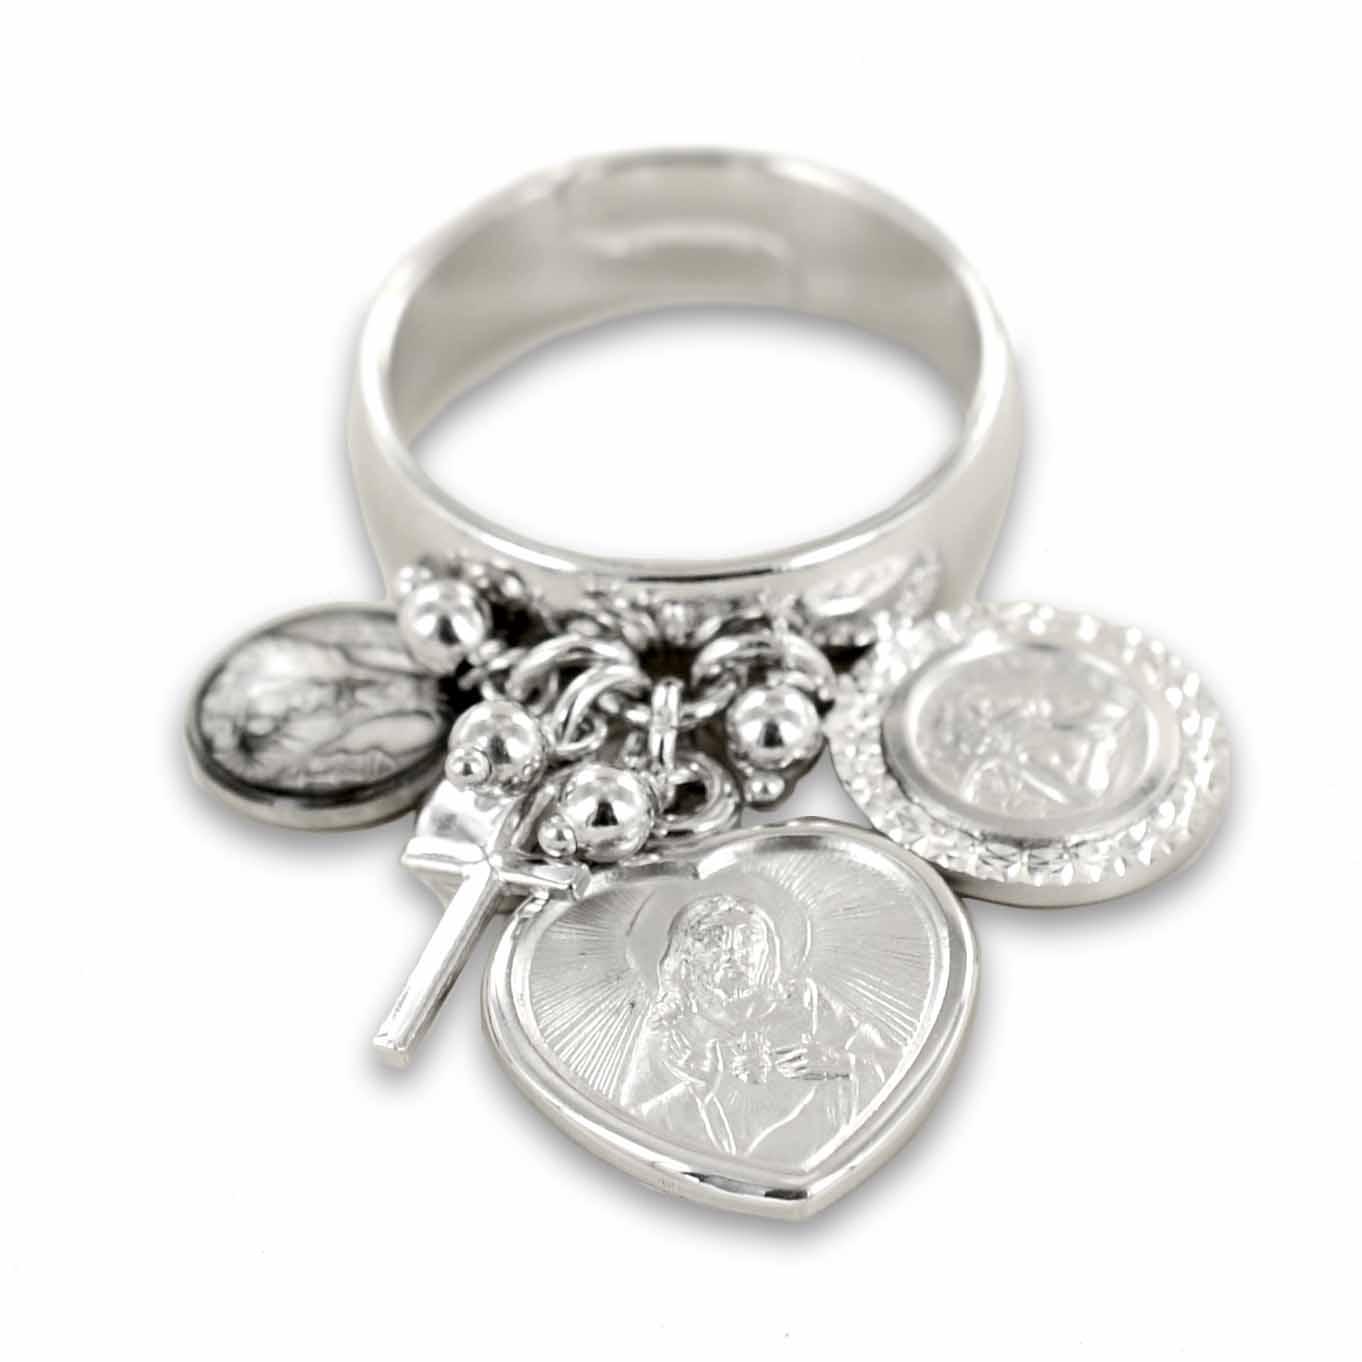 Anello con ciondoli religiosi Sacro Cuore Angelo Cherubino argento Agios